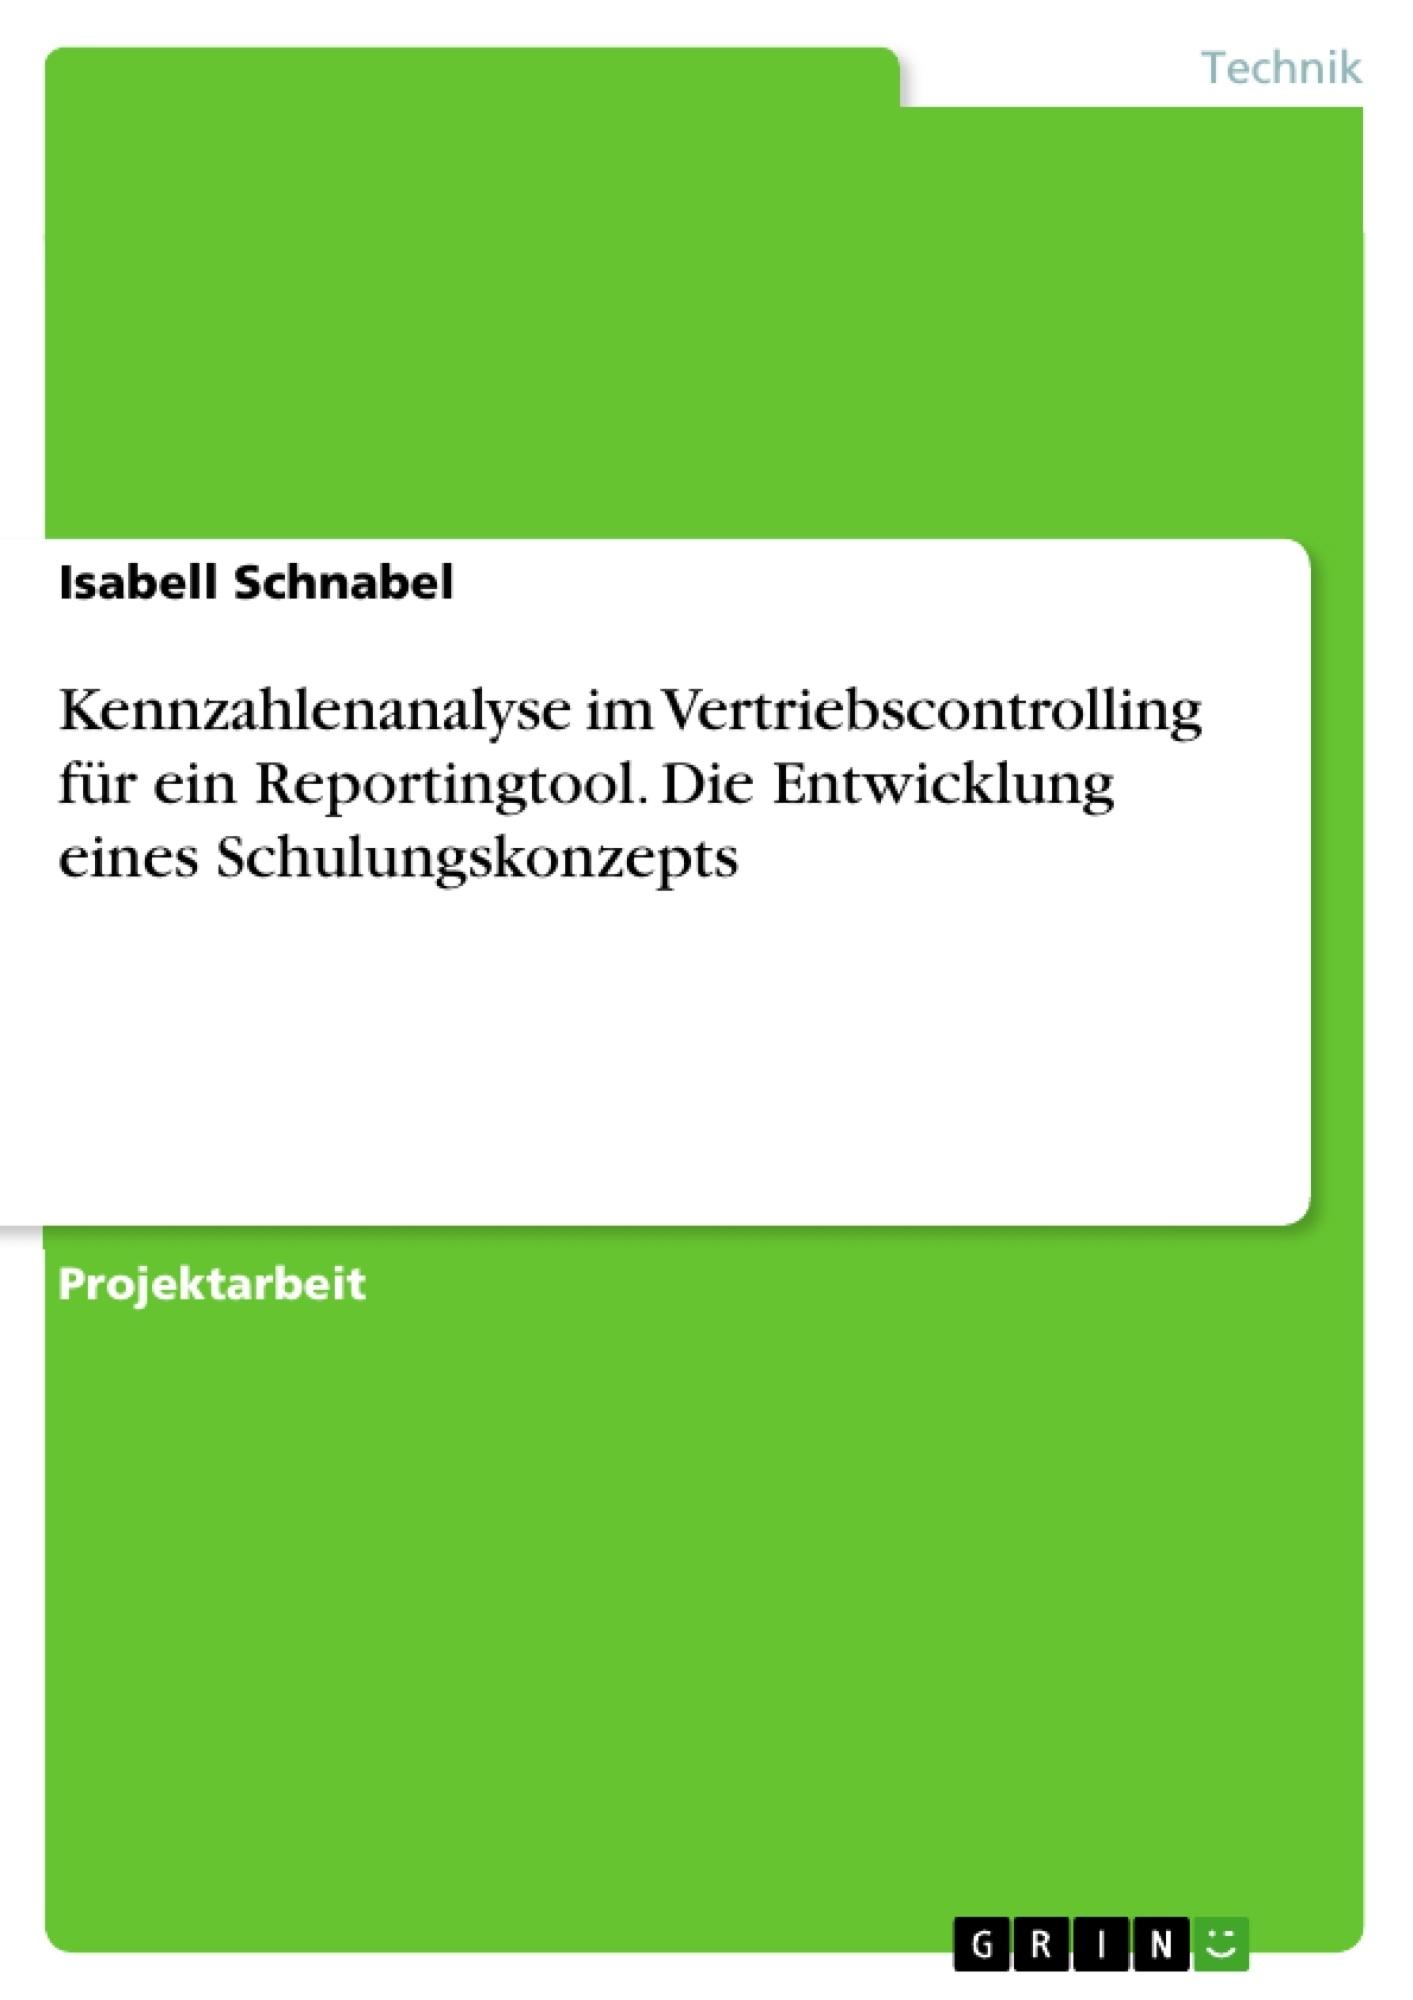 Titel: Kennzahlenanalyse im Vertriebscontrolling für ein Reportingtool. Die Entwicklung eines Schulungskonzepts